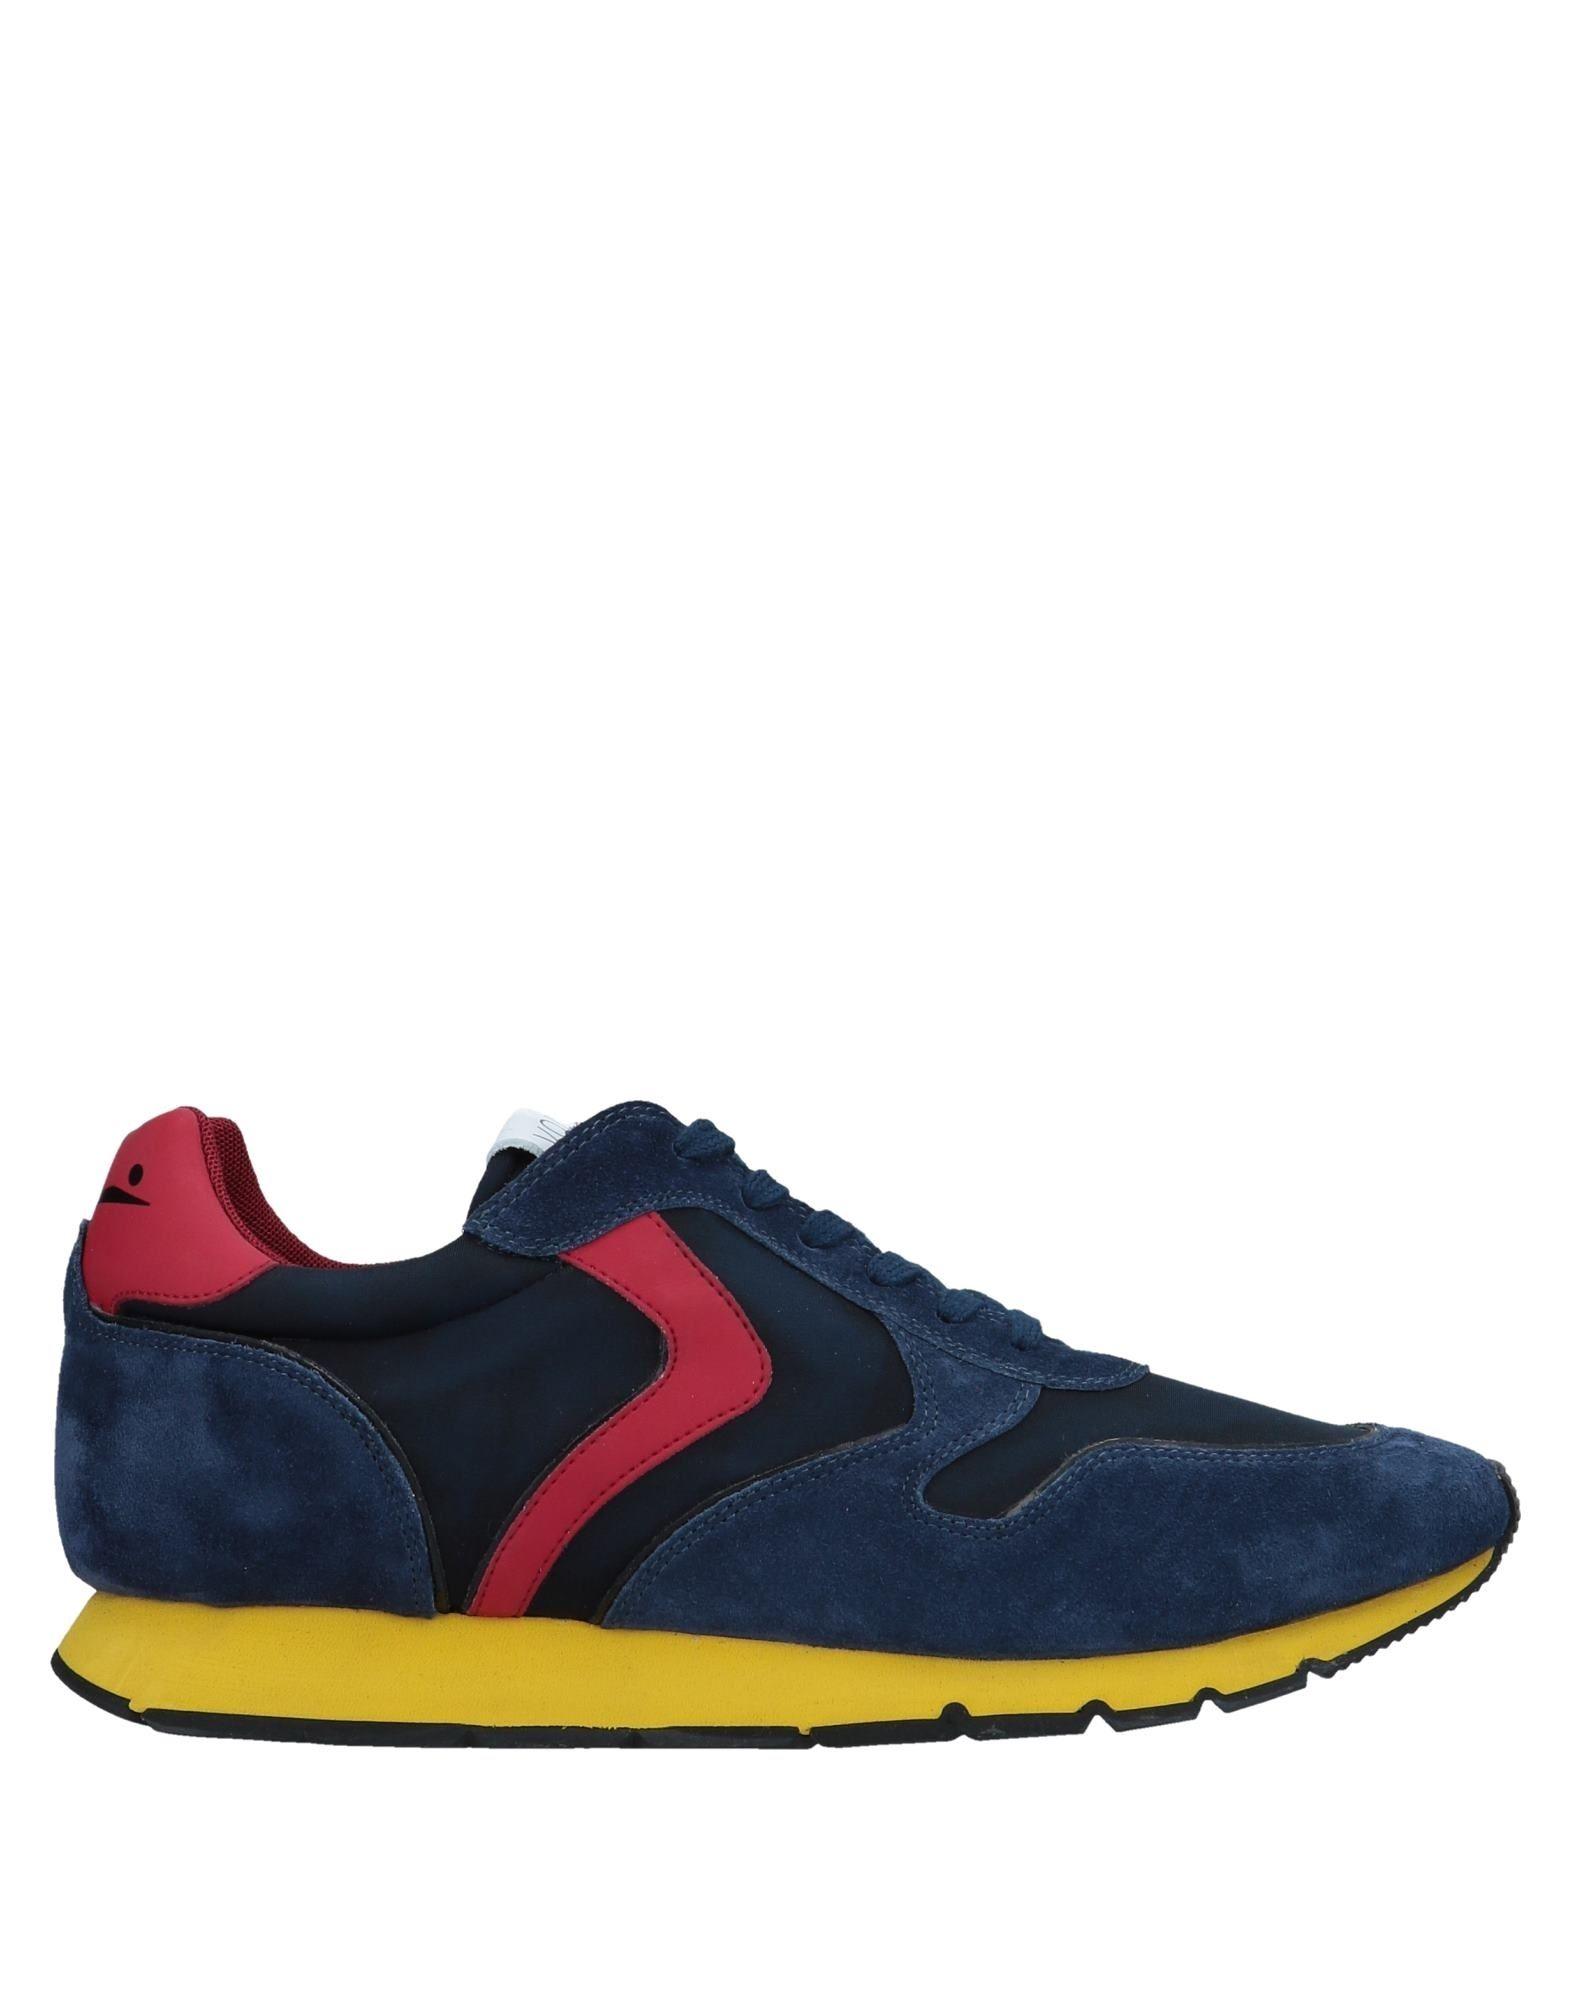 Zapatillas Voile Hombre Blanche Hombre Voile - Zapatillas Voile Blanche  Azul oscuro c6c13a